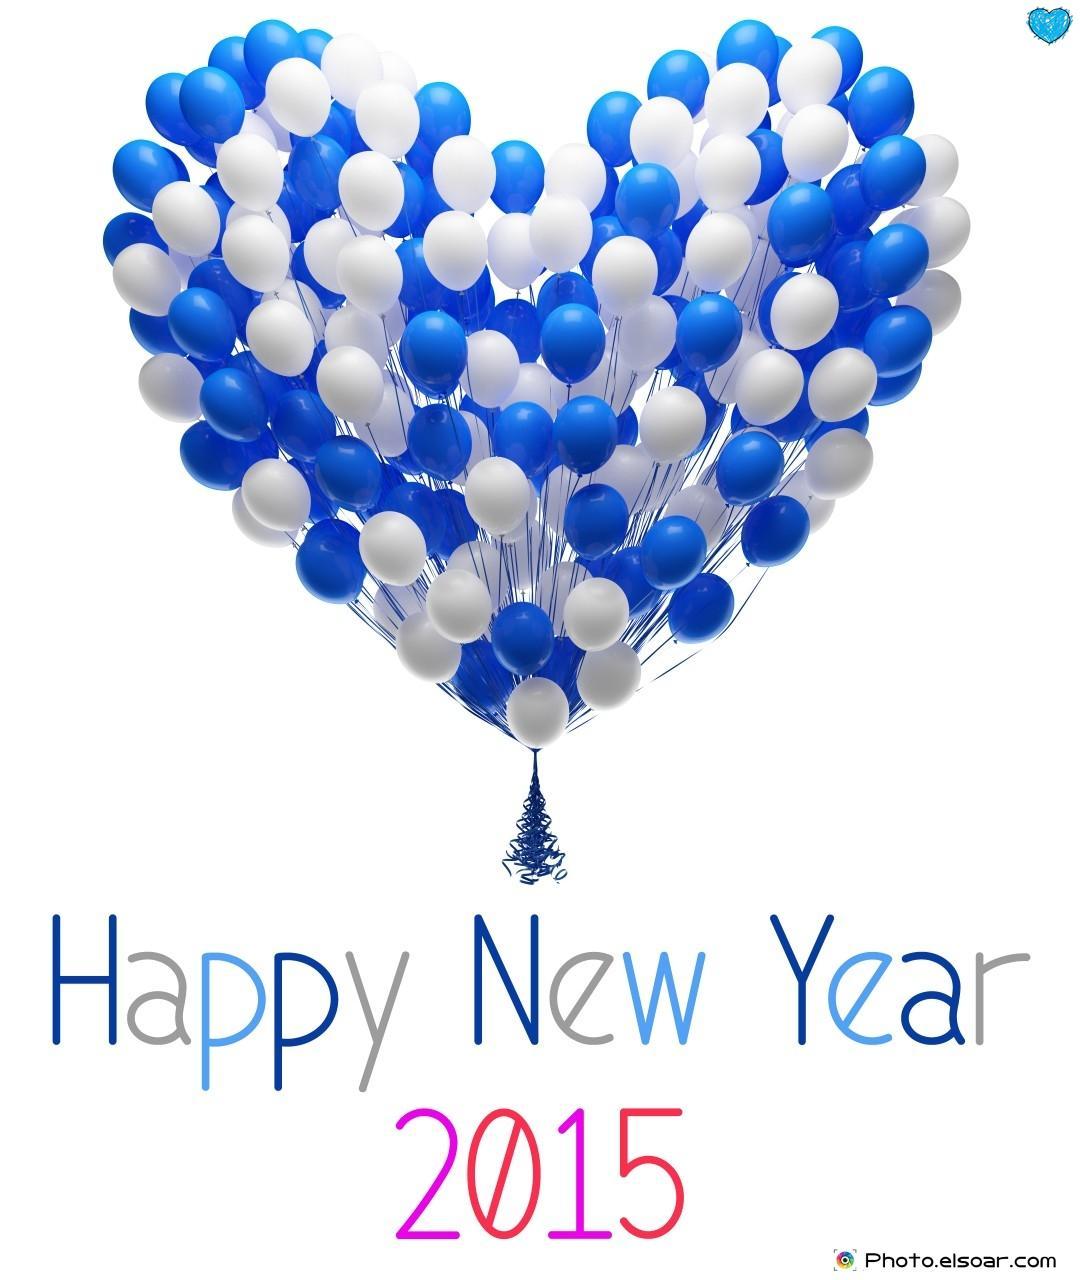 Happy-New-Year-2015-balloons-Heart-shape1